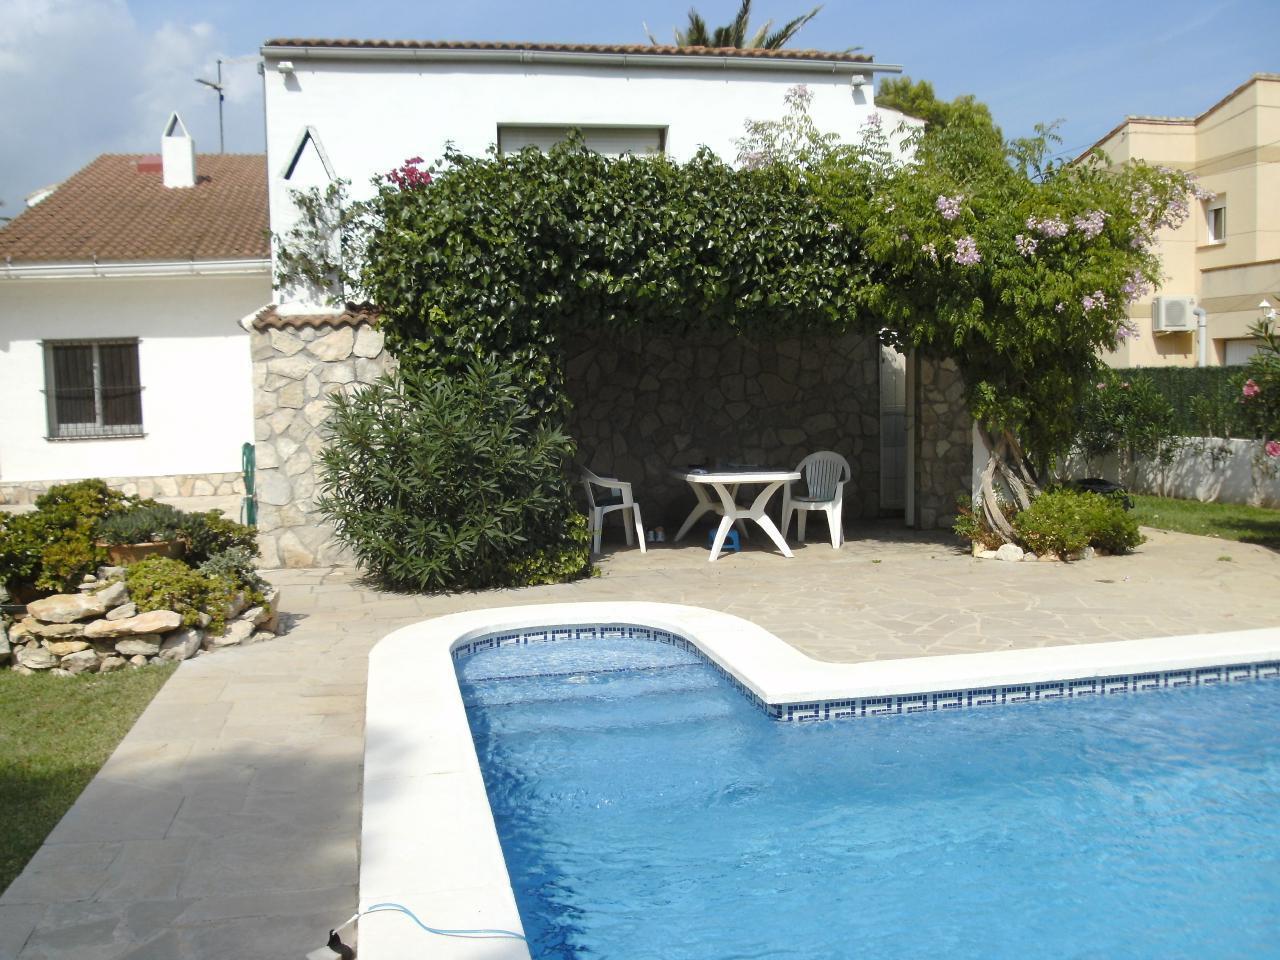 Ferienhaus mit WiFi Privat-Pool ohne Einsicht gute Preise (1901111), L'Ametlla de Mar, Costa Dorada, Katalonien, Spanien, Bild 3